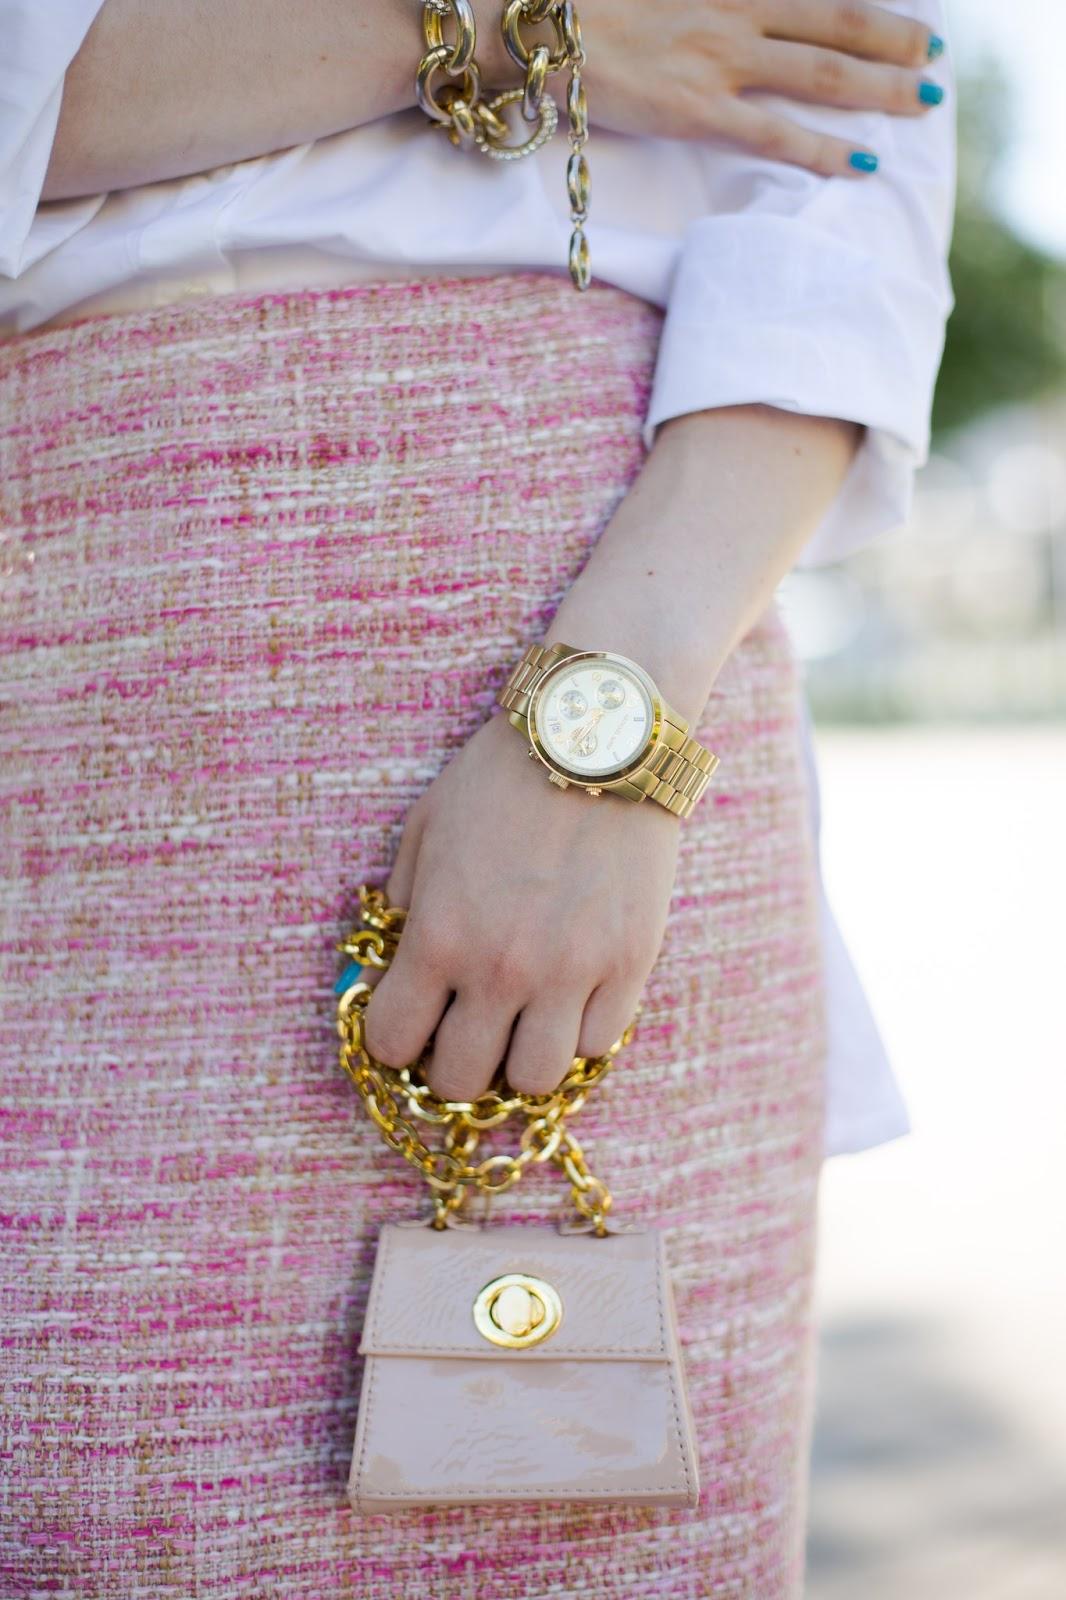 модные аксессуары лето 2015 фото, микро сумки, сумки малышки, московская мода 2015